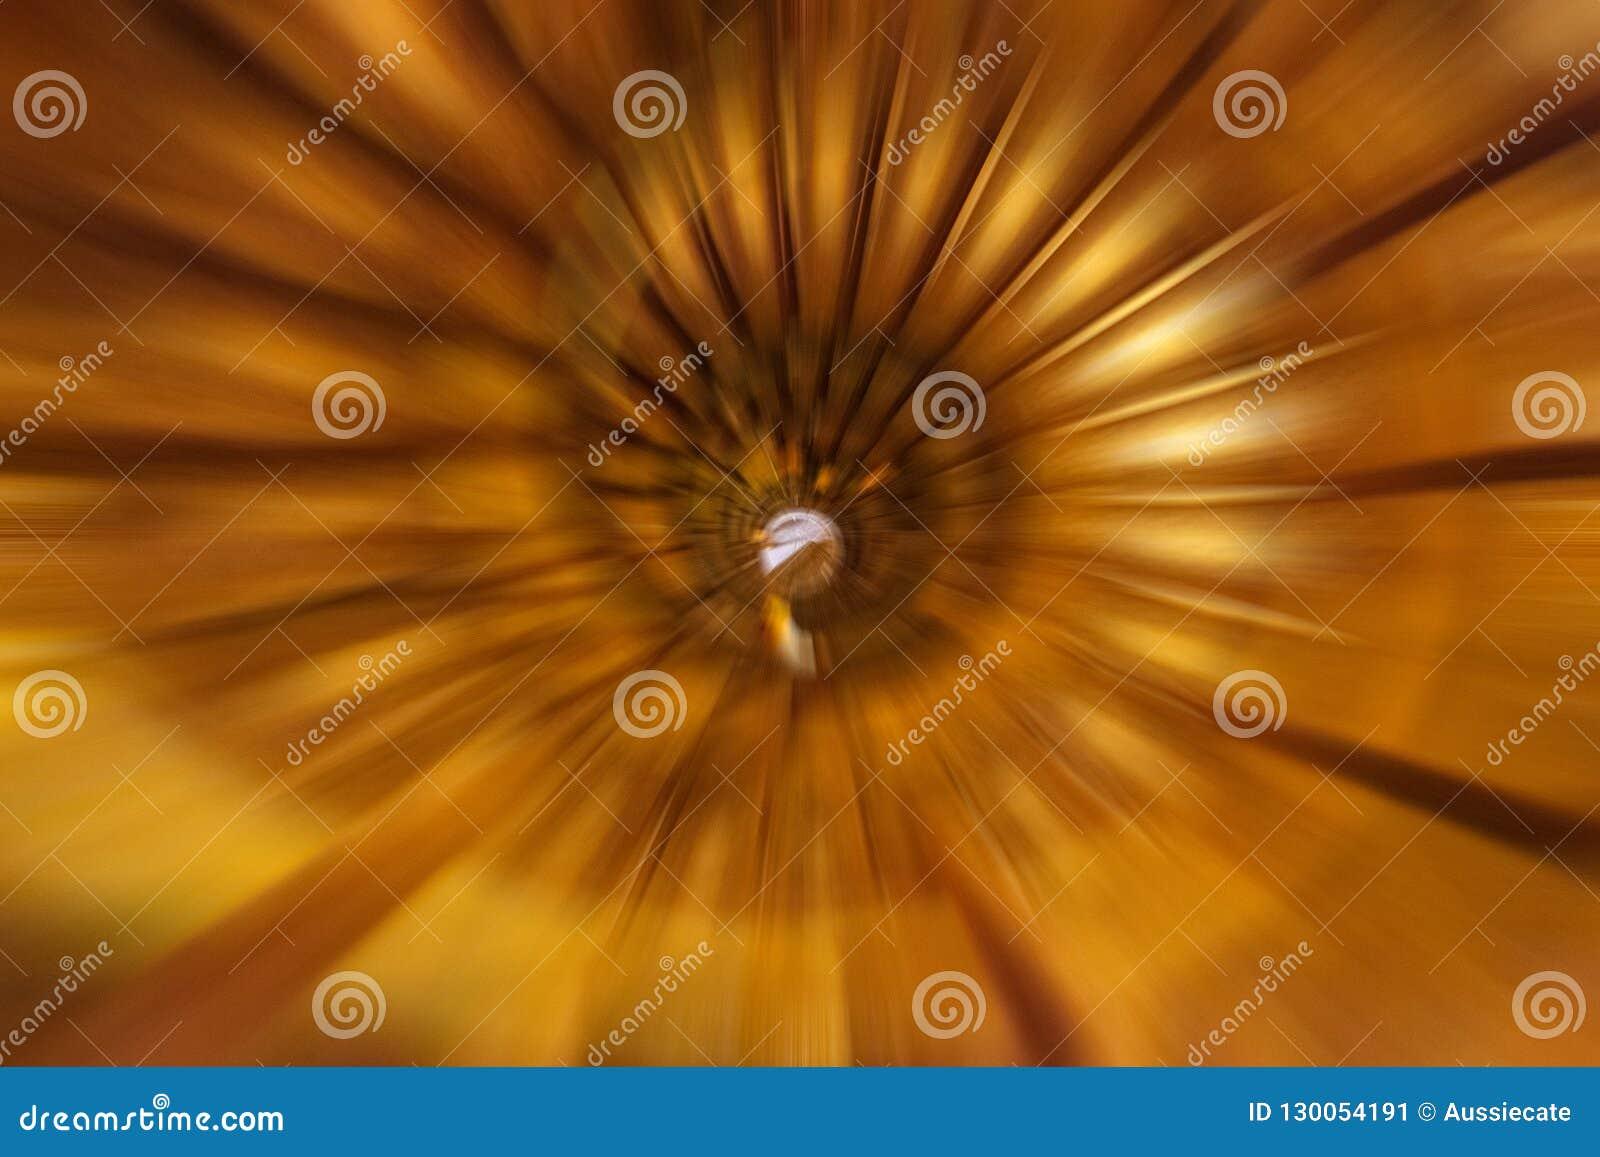 Σπειροειδές υπόβαθρο του Φιμπονάτσι bstract από τη σπειροειδή σκάλα που χρησιμοποιεί τη θαμπάδα ζουμ